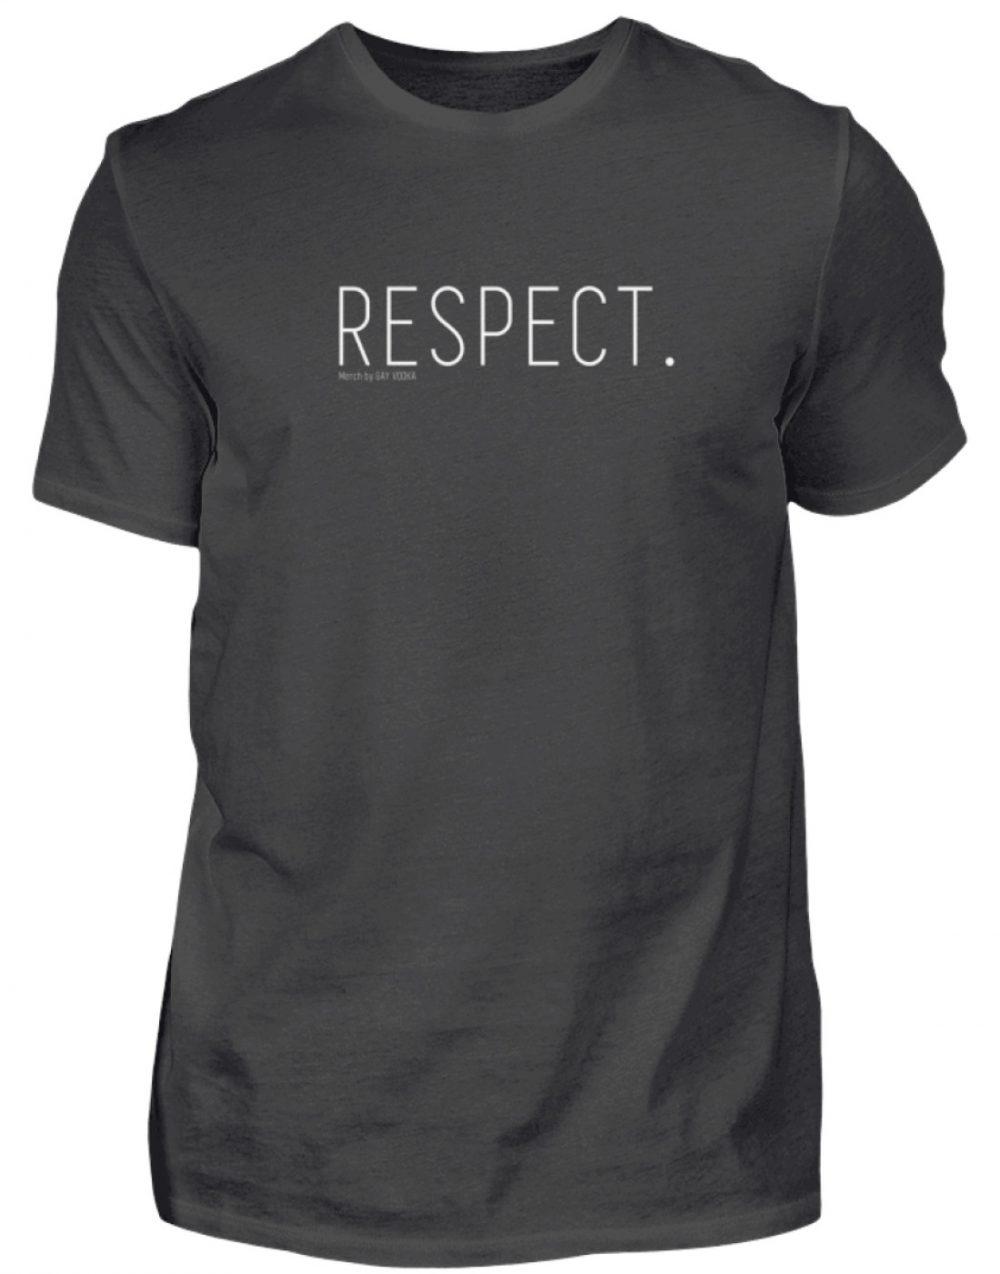 RESPECT. - Herren Premiumshirt-2989